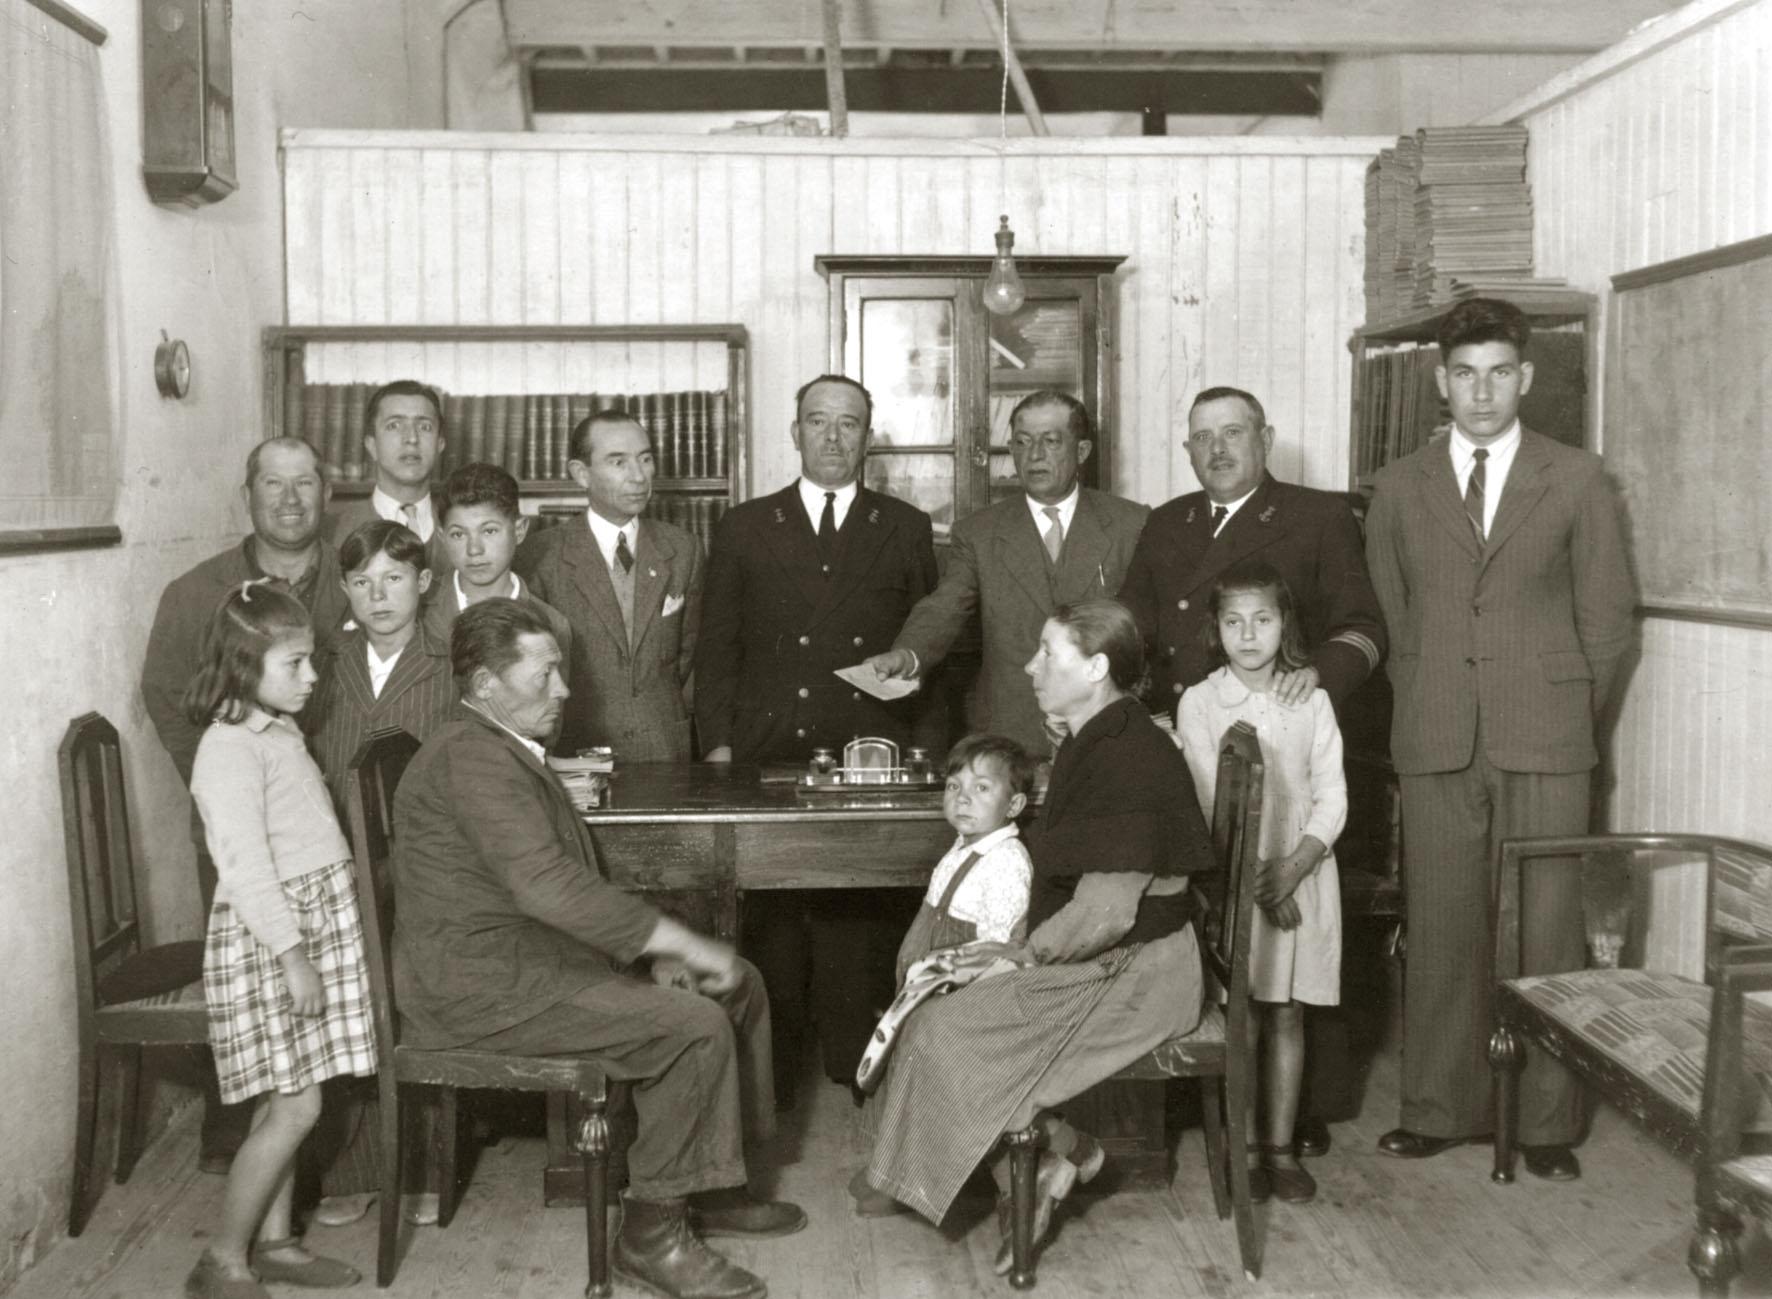 A familia dun mariñeiro desparecido no mar recibindo unha paga, 1950